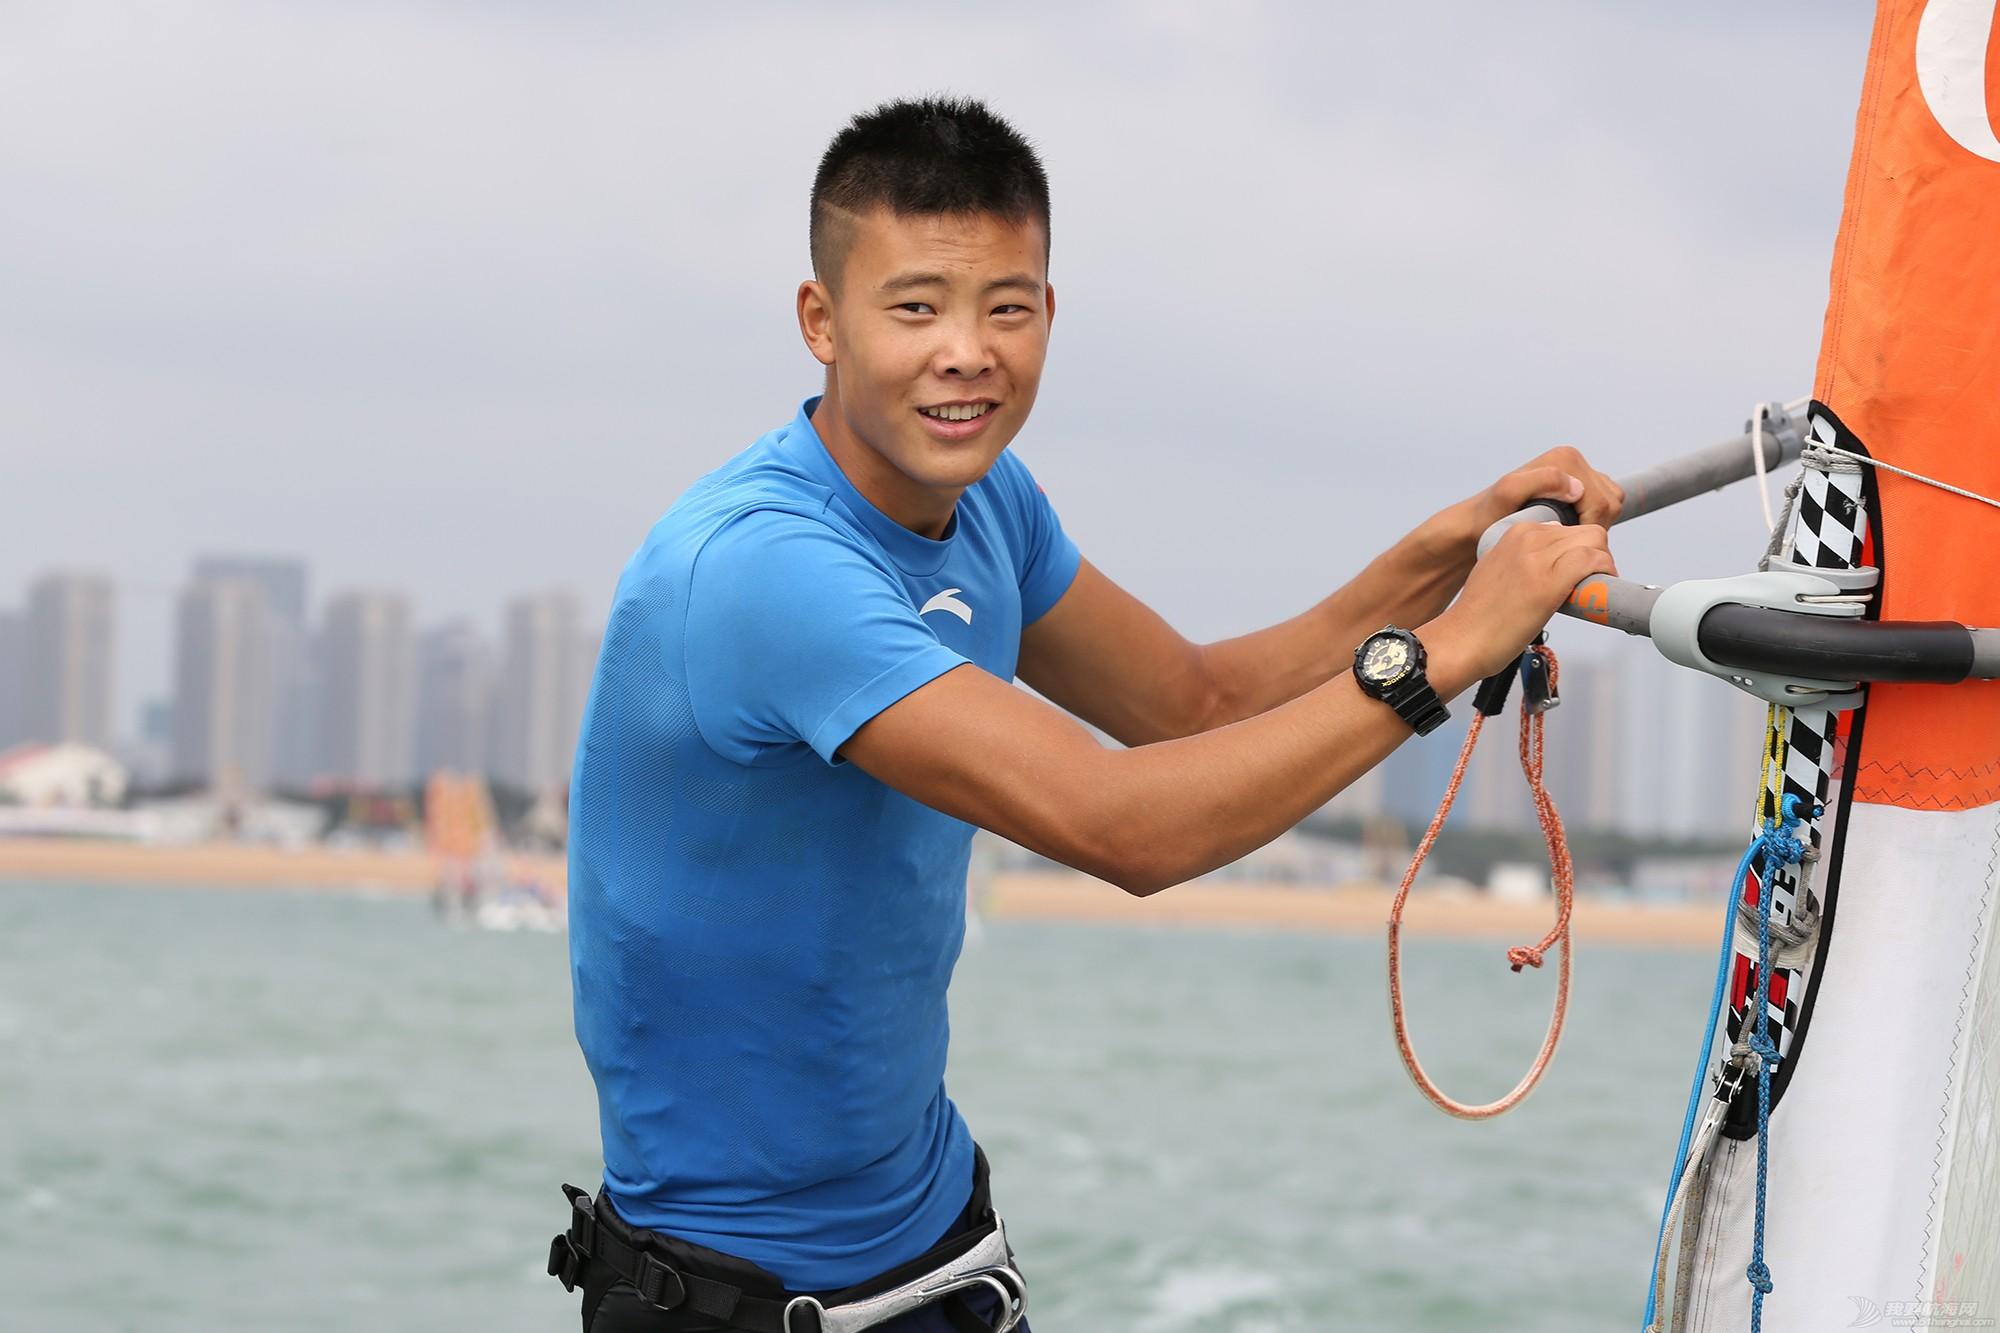 项目,山东省,冠军赛,第一时间,帆板 赛场速递——山东省帆船帆板冠军赛精彩瞬间 5V8A0229.JPG